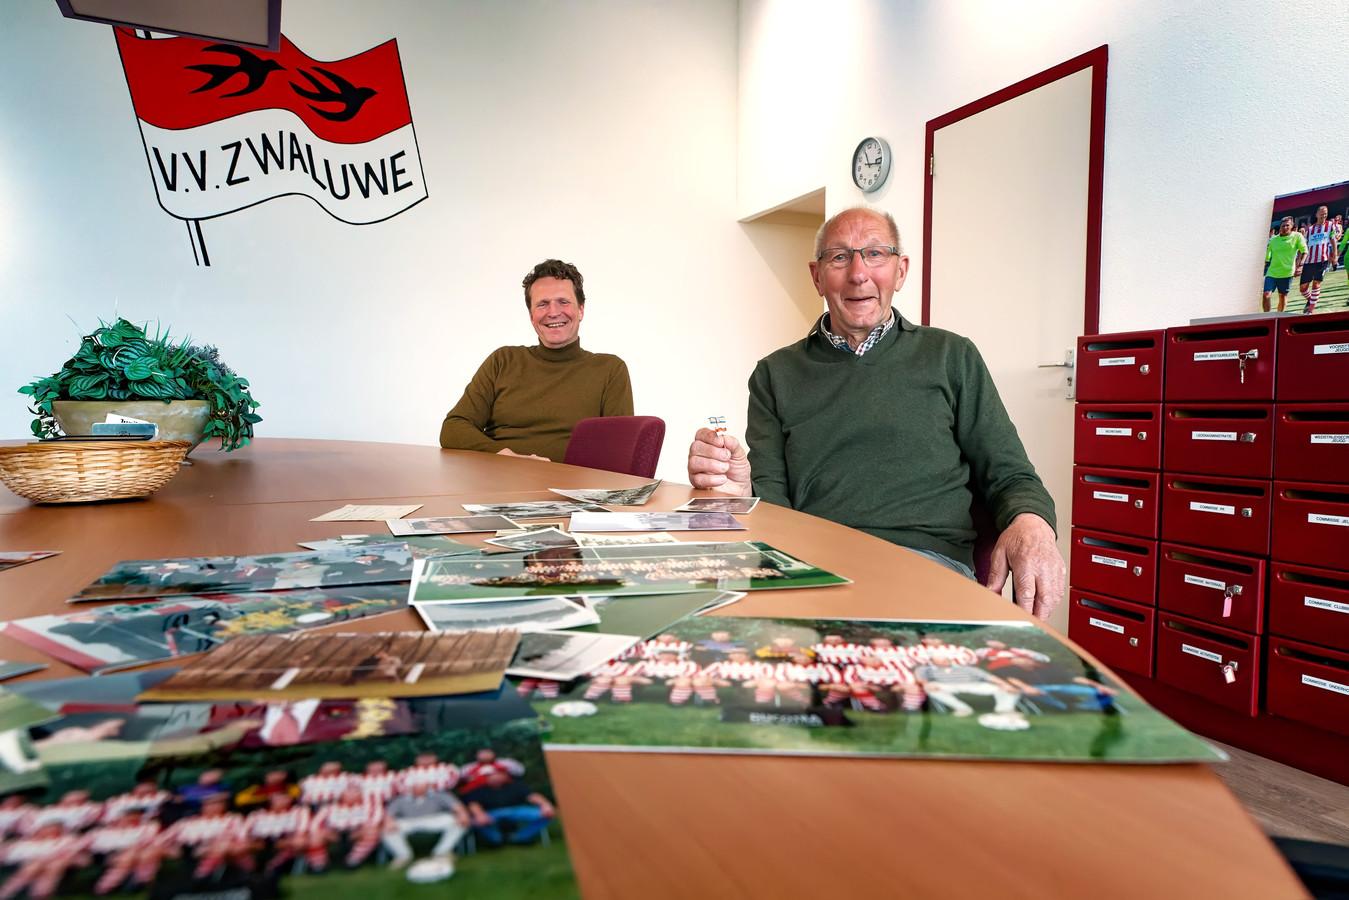 VV Zwaluwe bestaat 75 jaar, maar kan door corona helaas geen groots jubileumfeest vieren. Piet Lucas (r), een van de oudste leden, blikt terug met bestuurslid Wilfried Bossers.